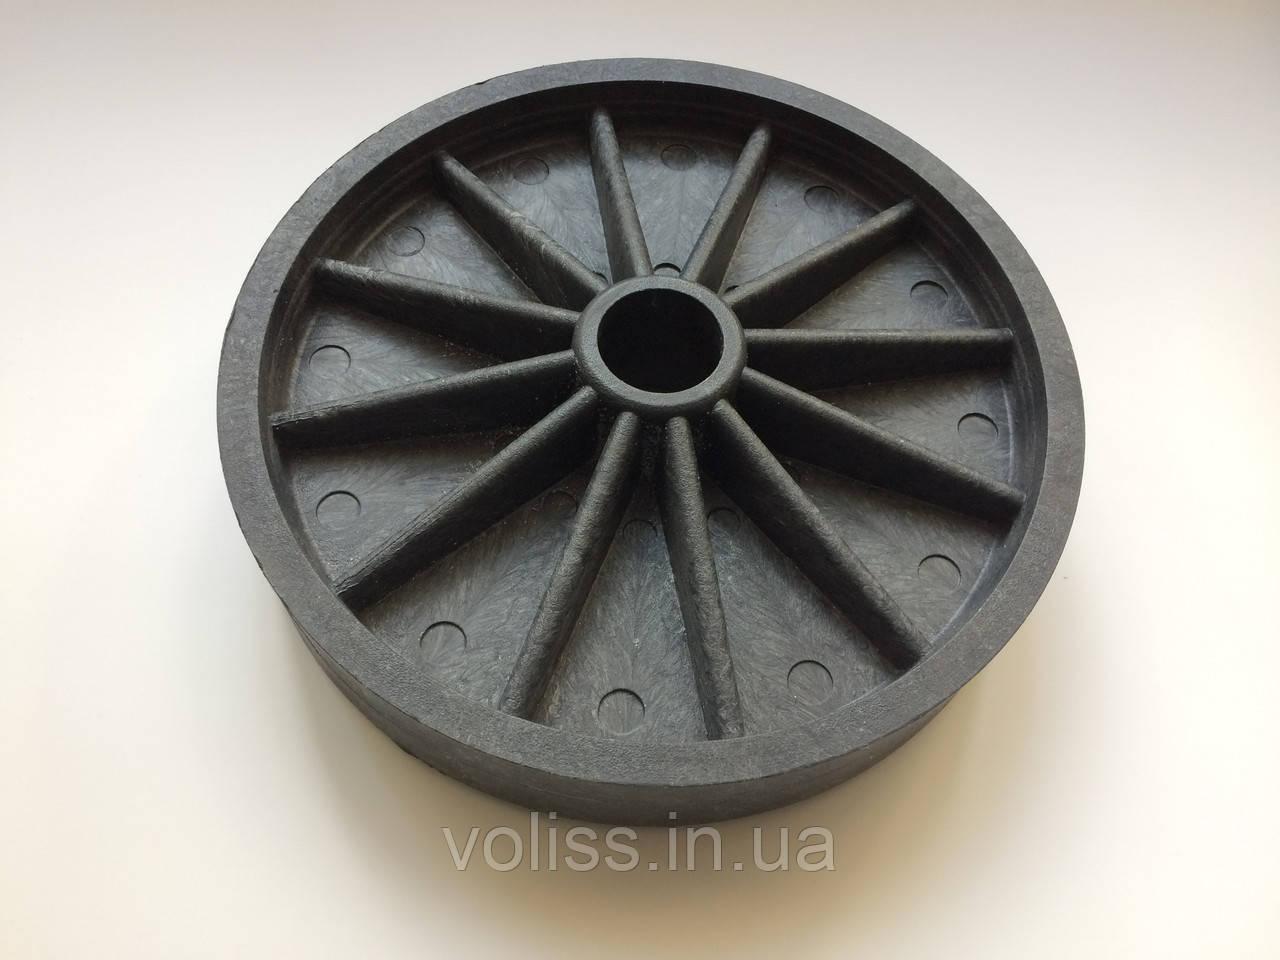 Колесо для бетономешалки БРС-130,165 (Вектор)